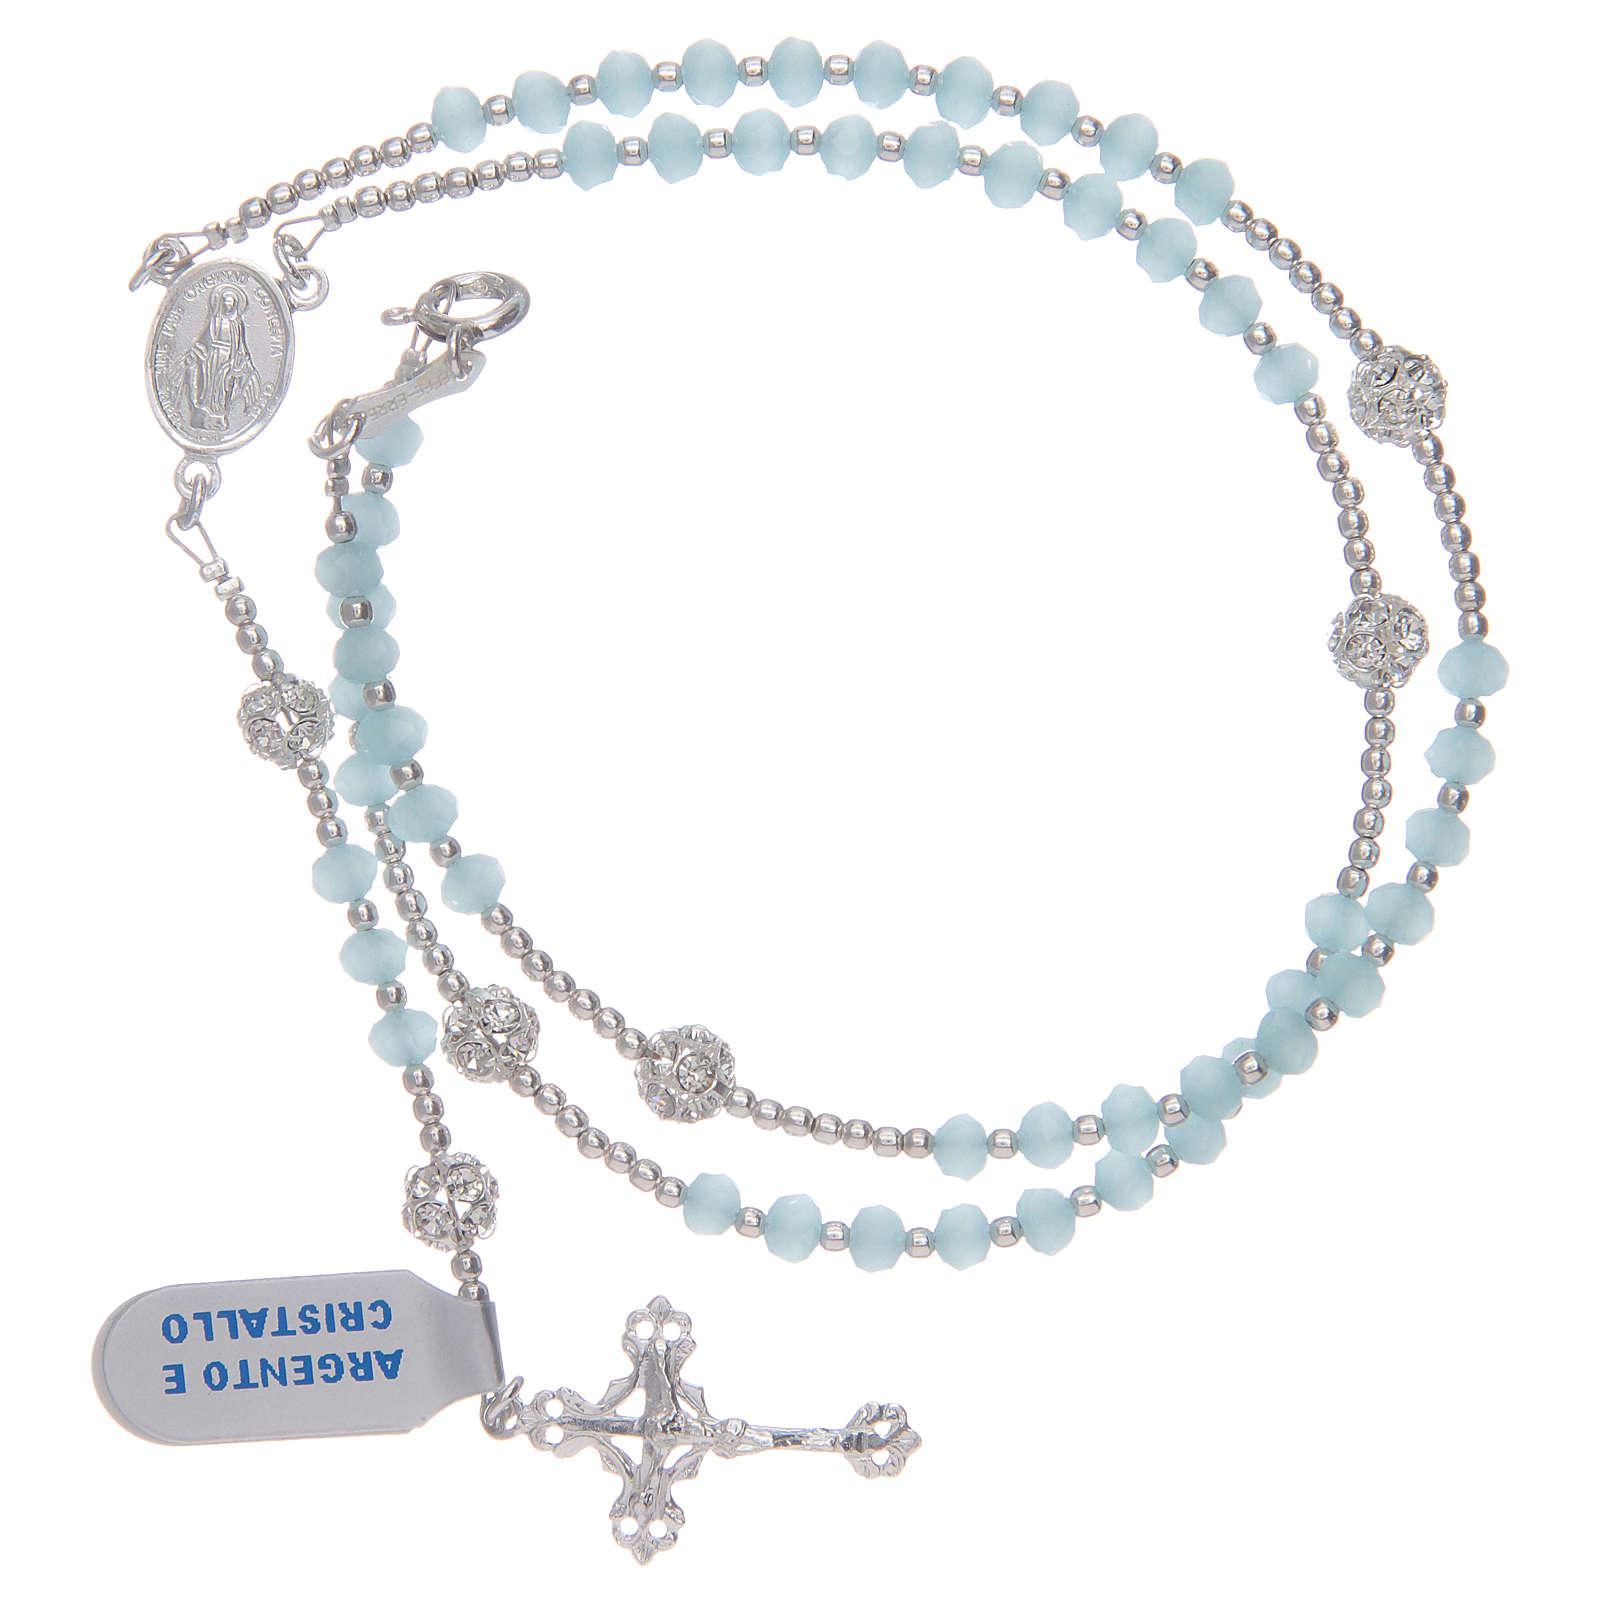 Chapelet collier en cristal céleste et argent 925 4